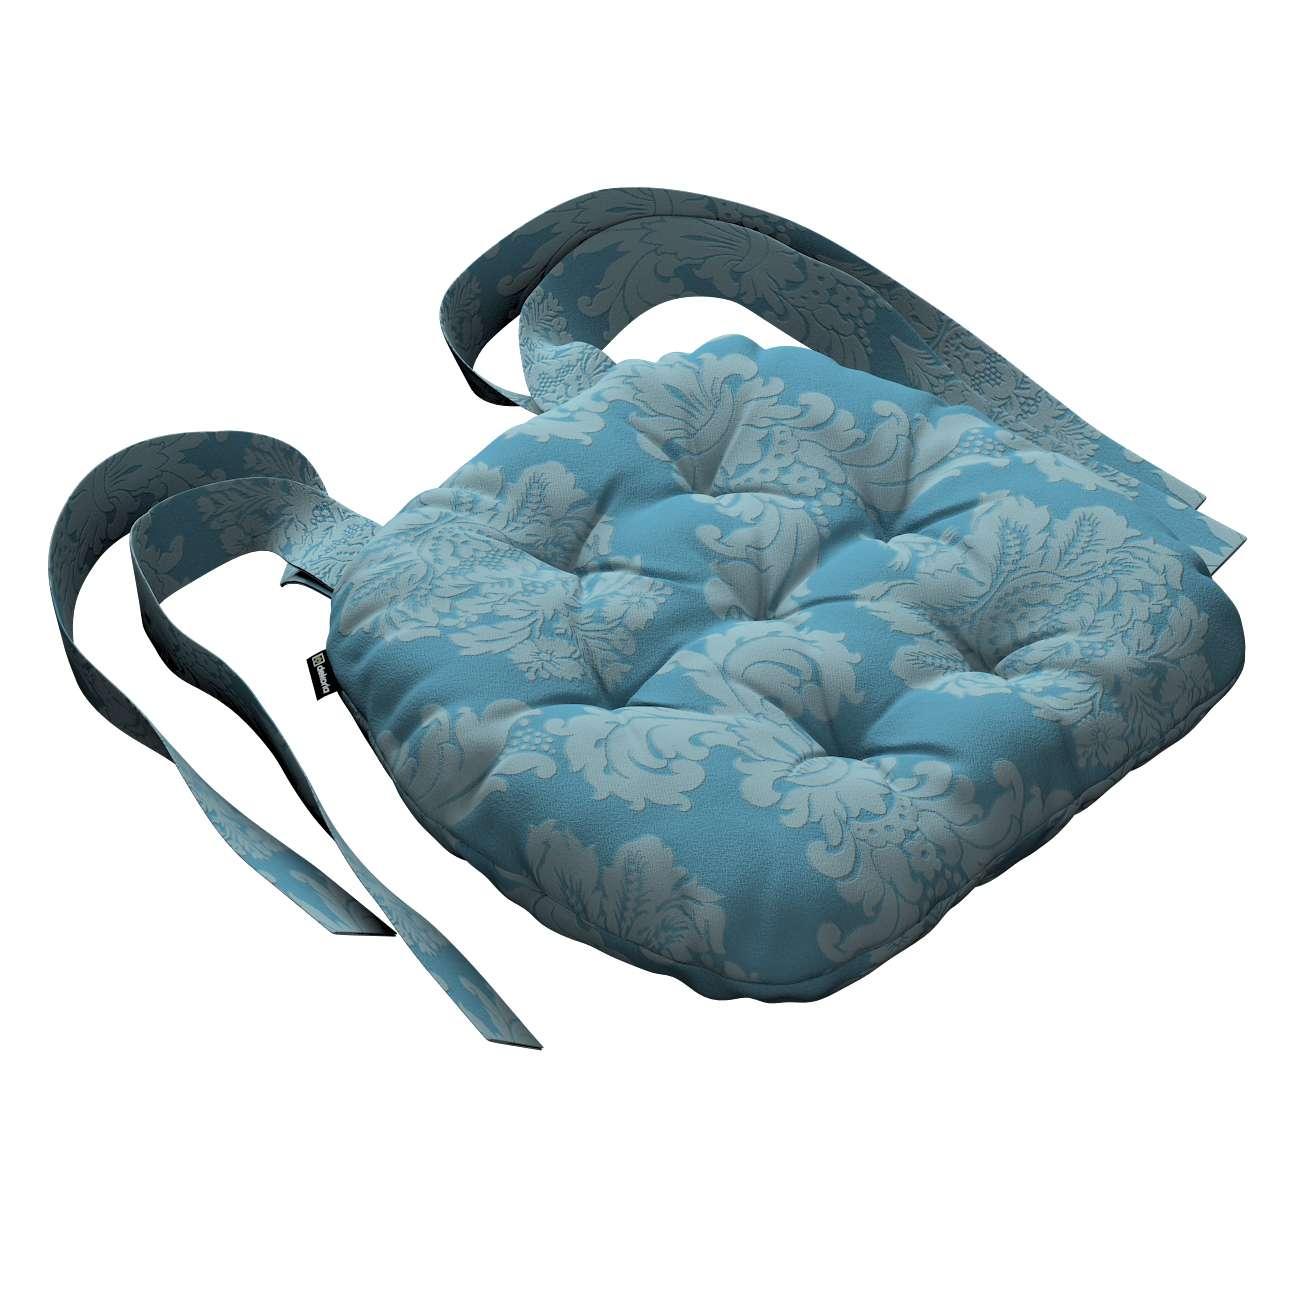 Siedzisko Marcin na krzesło 40x37x8cm w kolekcji Damasco, tkanina: 613-67